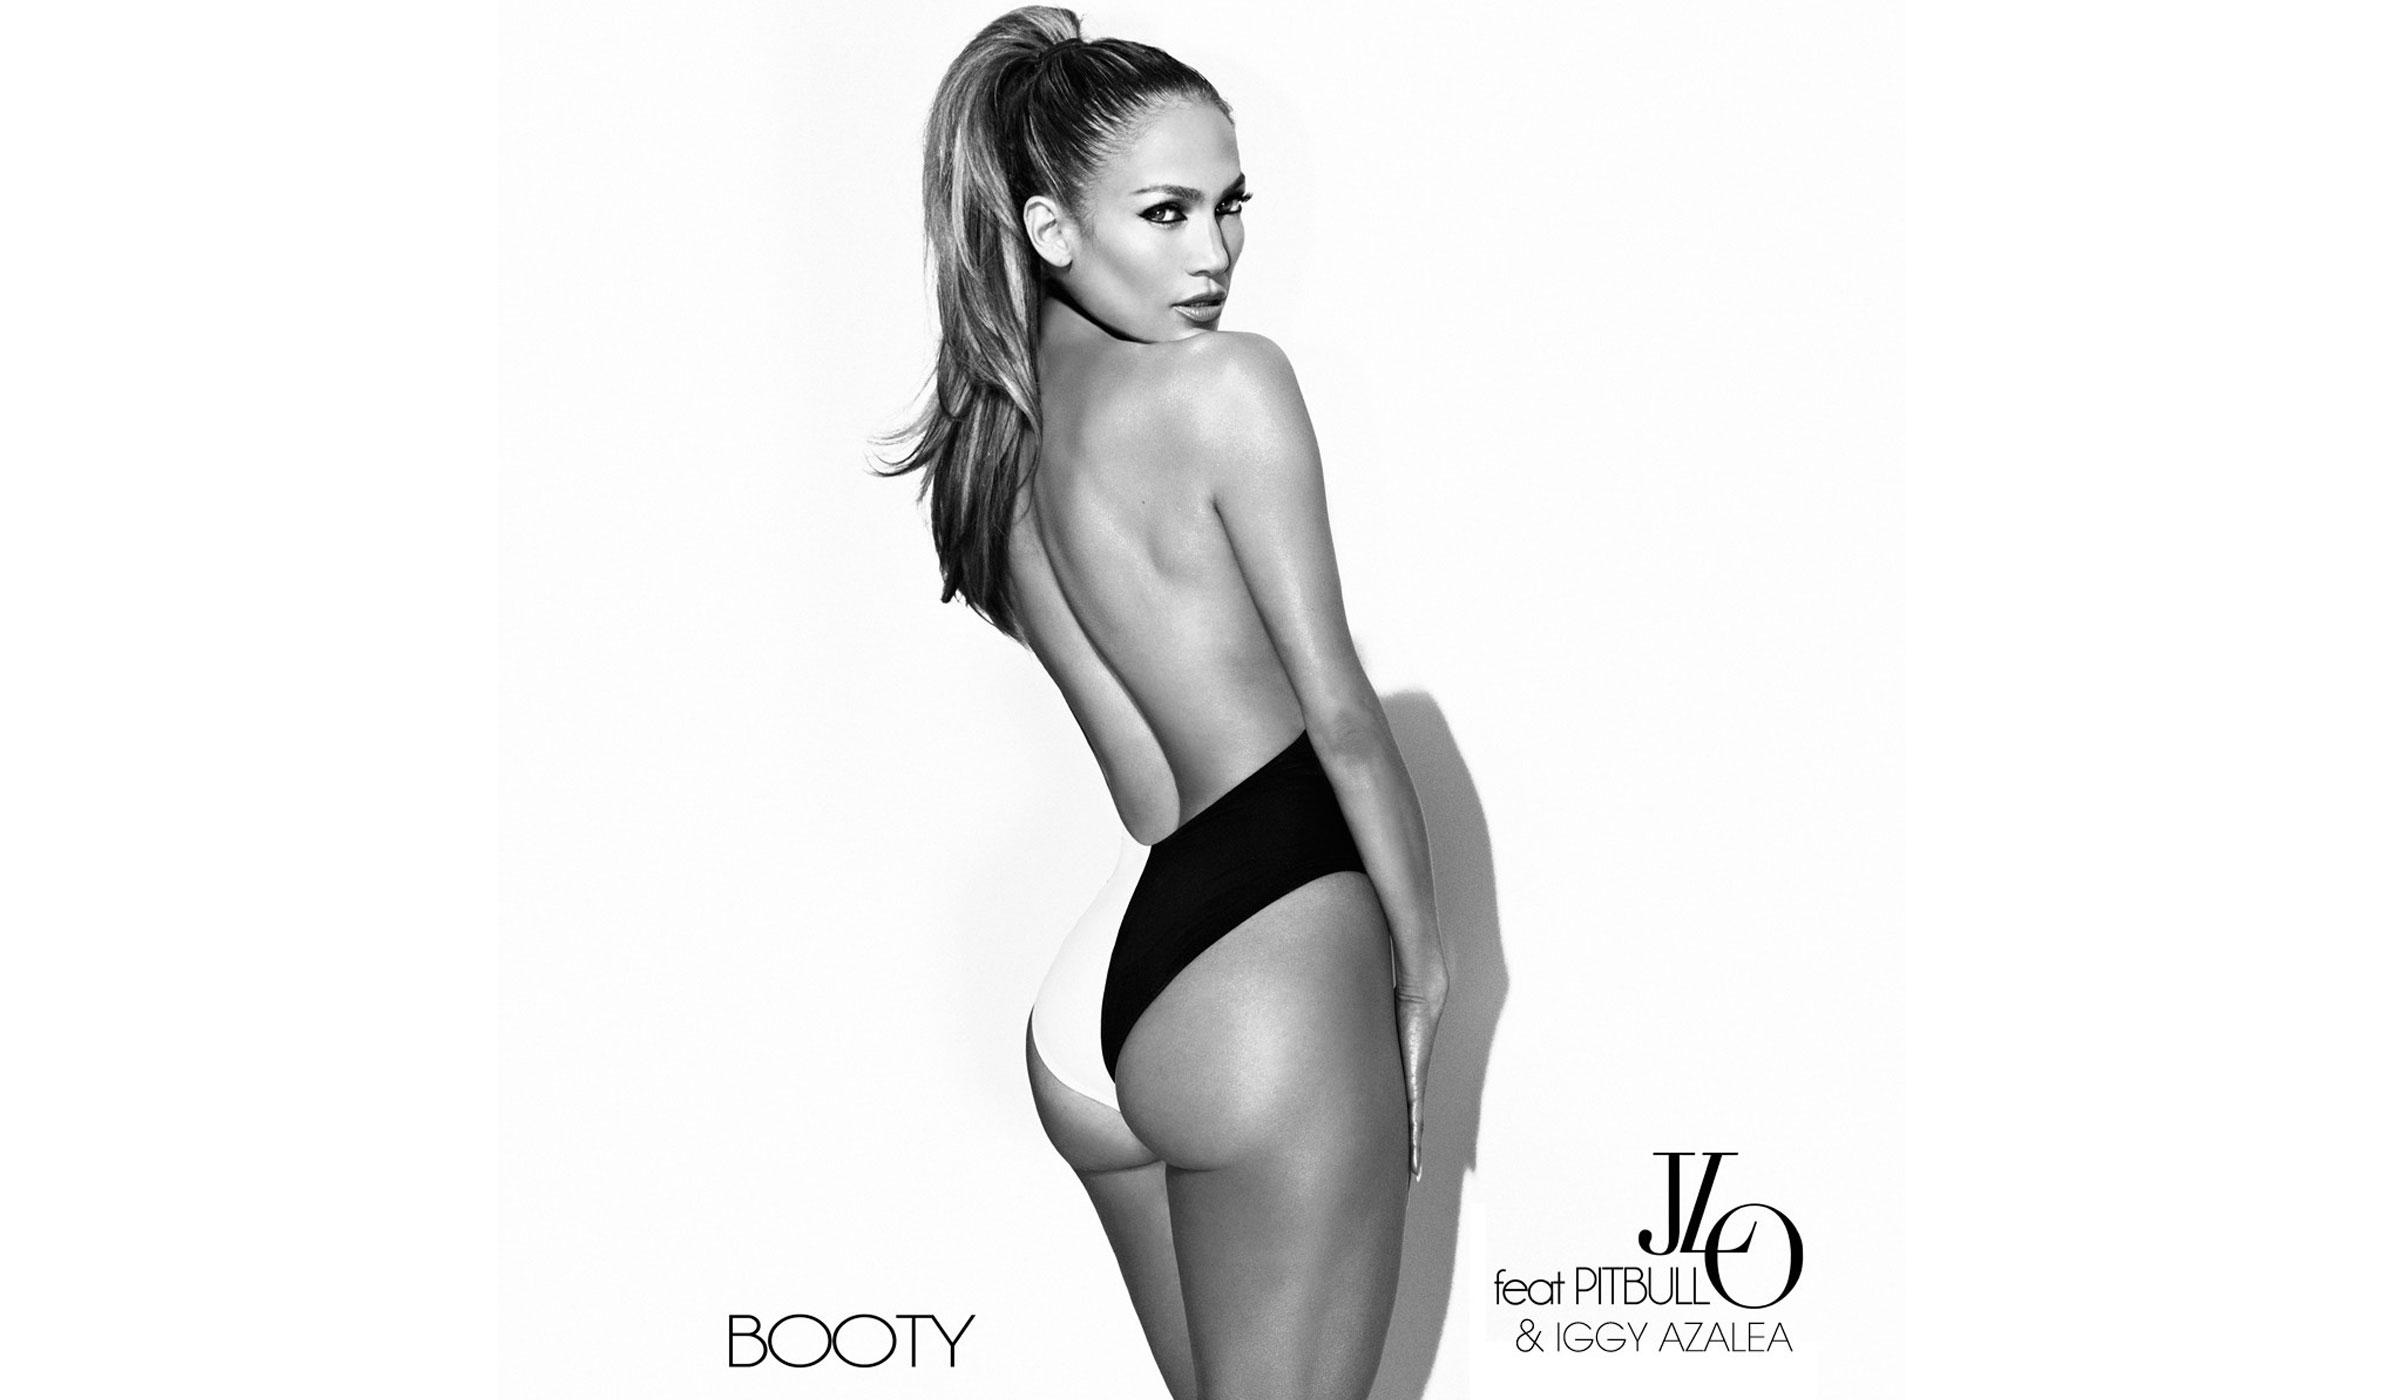 Jennifer Lopez's Booty